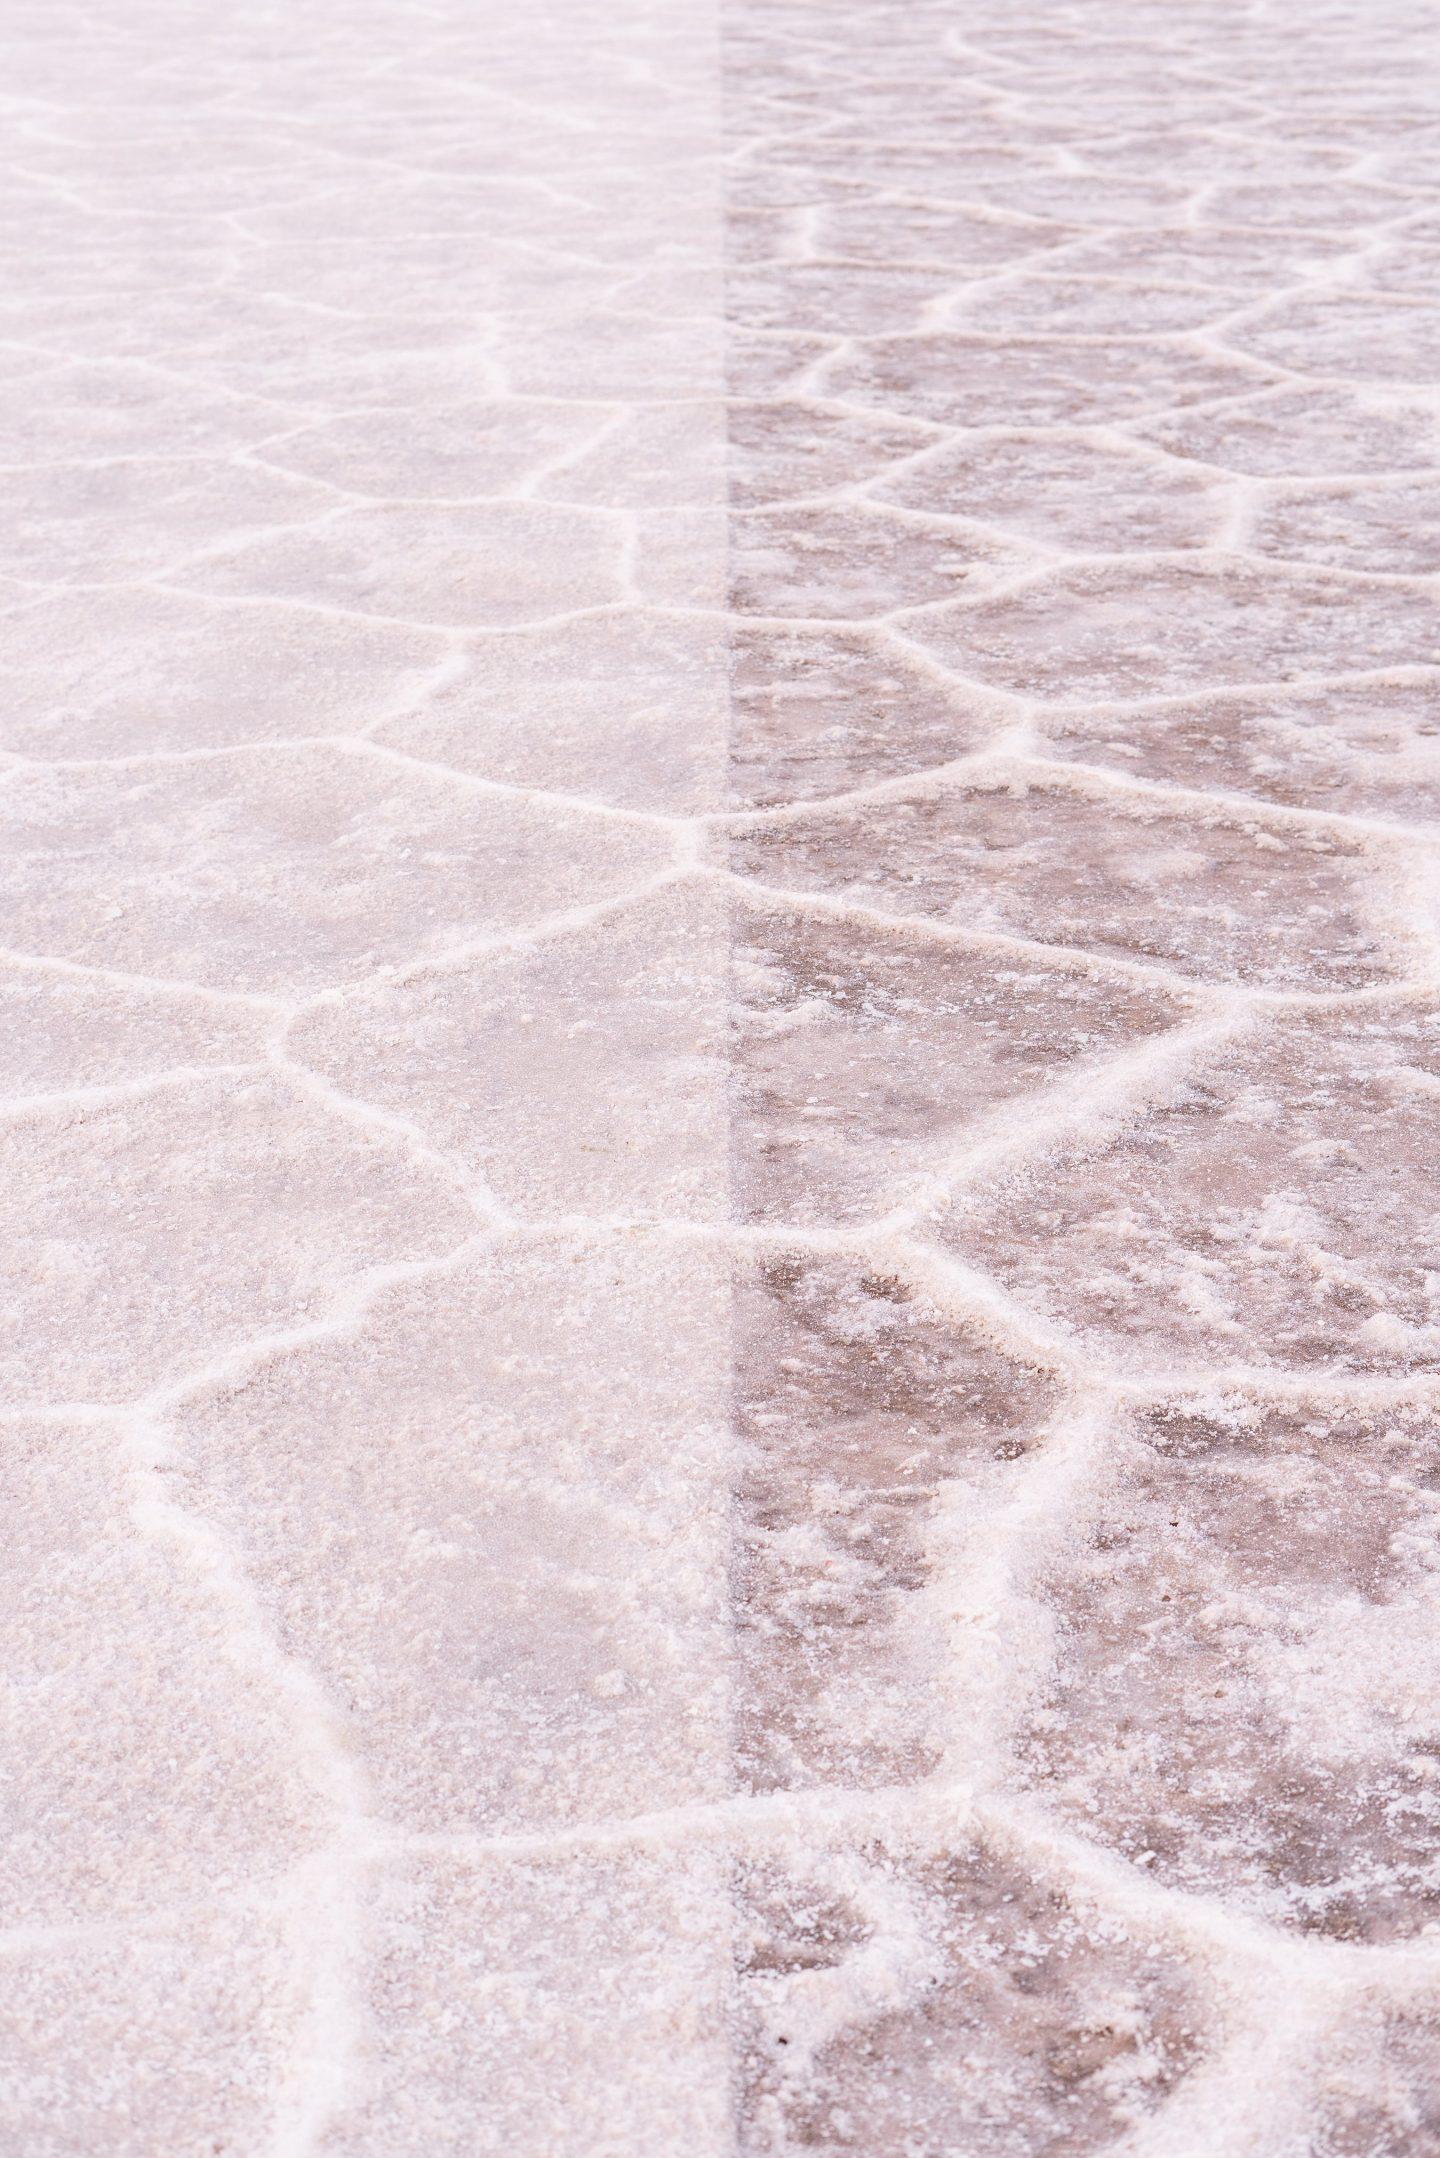 IGNANT-Photography-Landscape-HoracioReyePaez-3